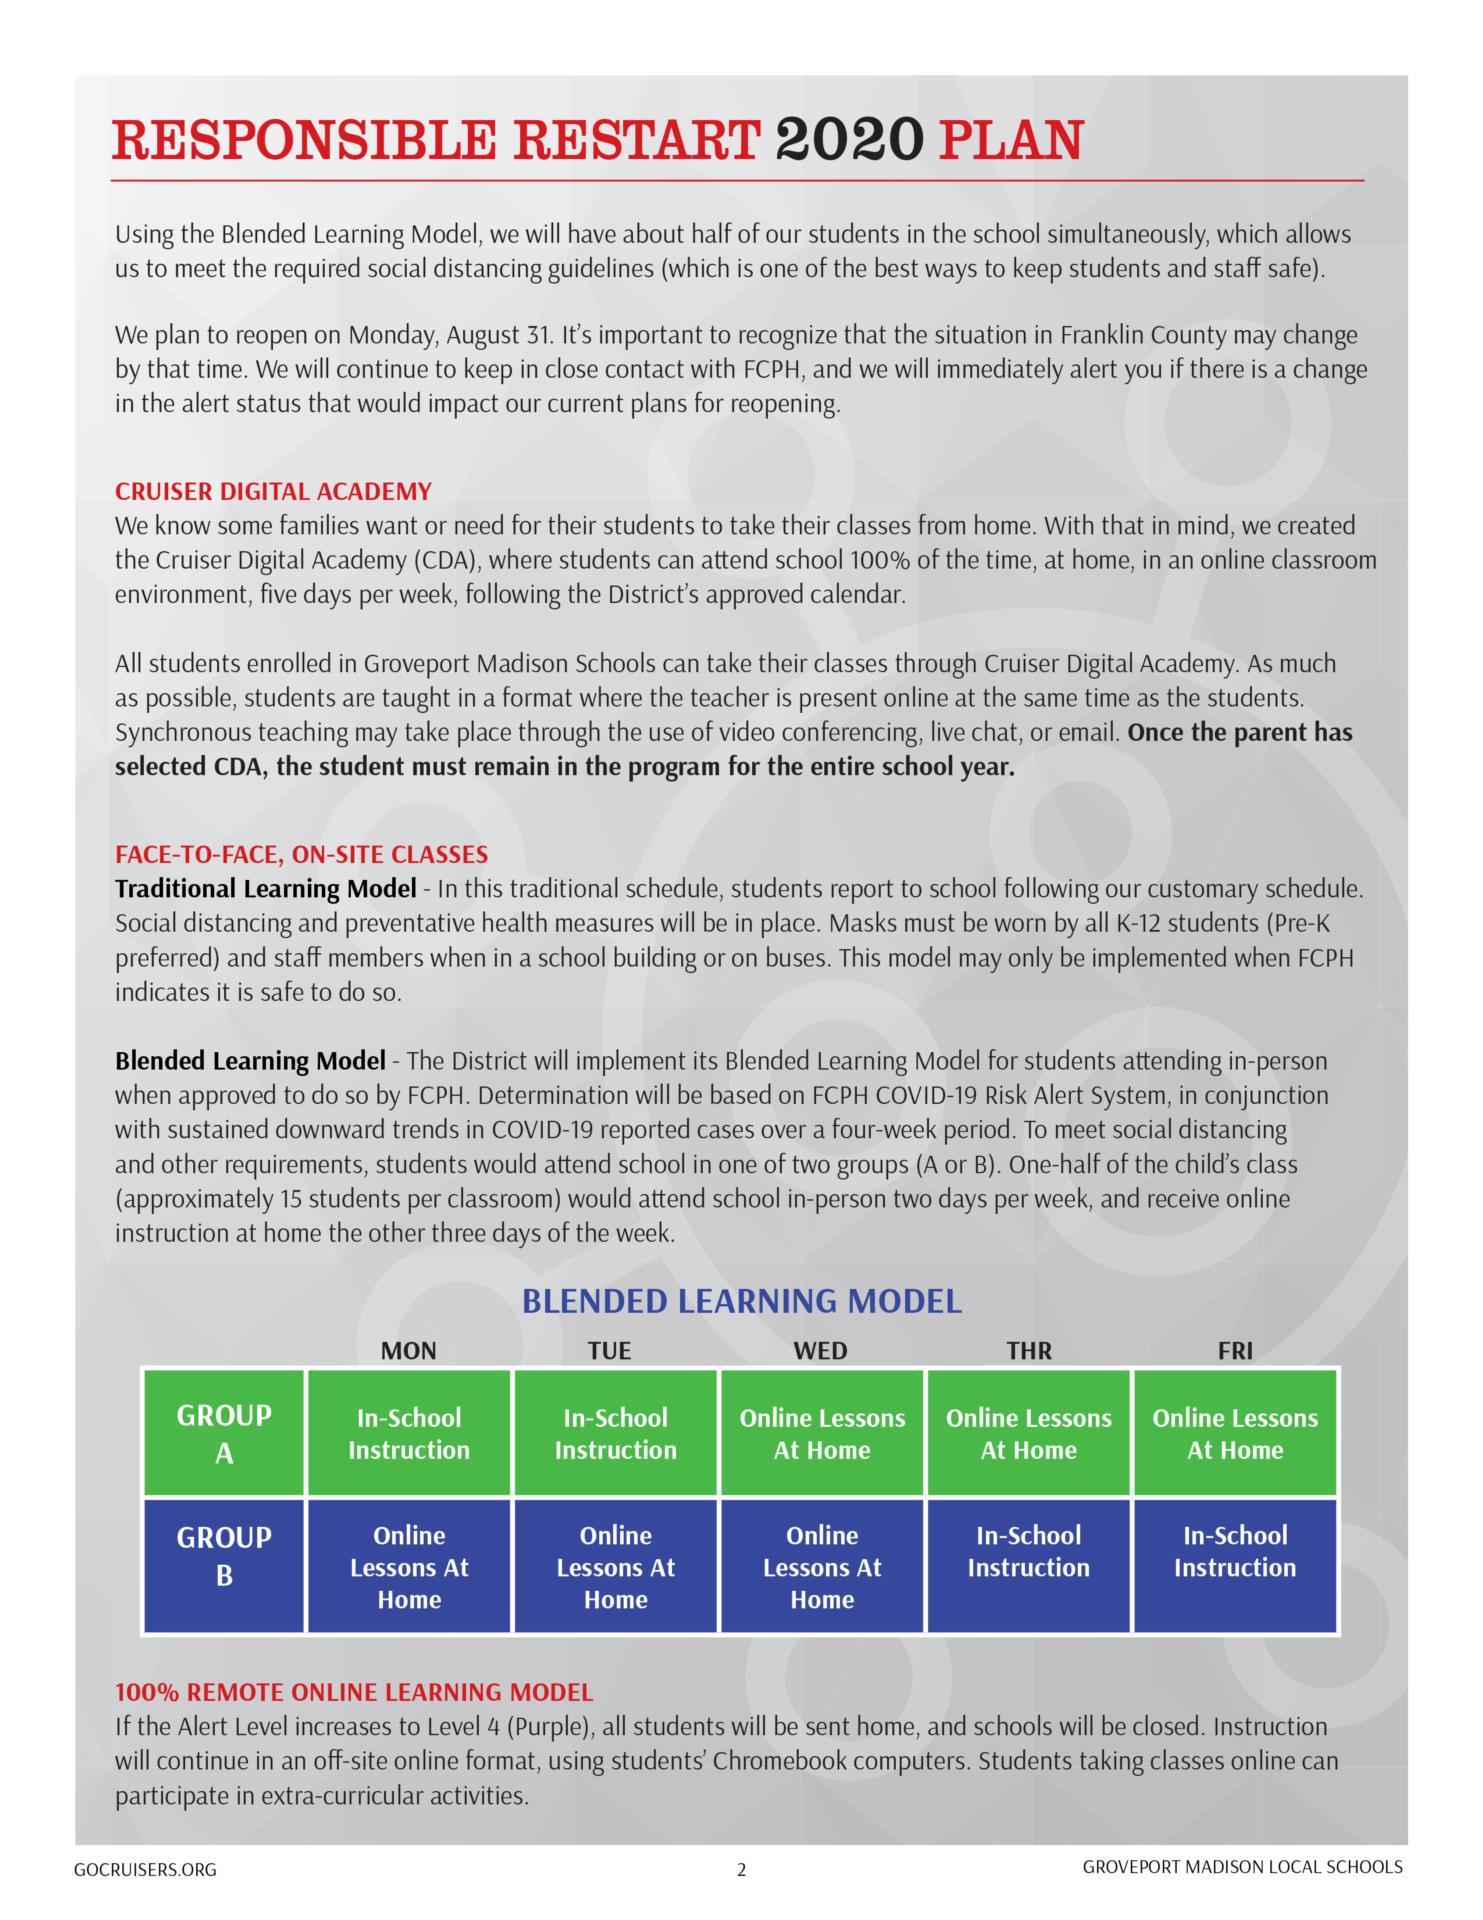 Responsible Restart 2020 Plan page 2